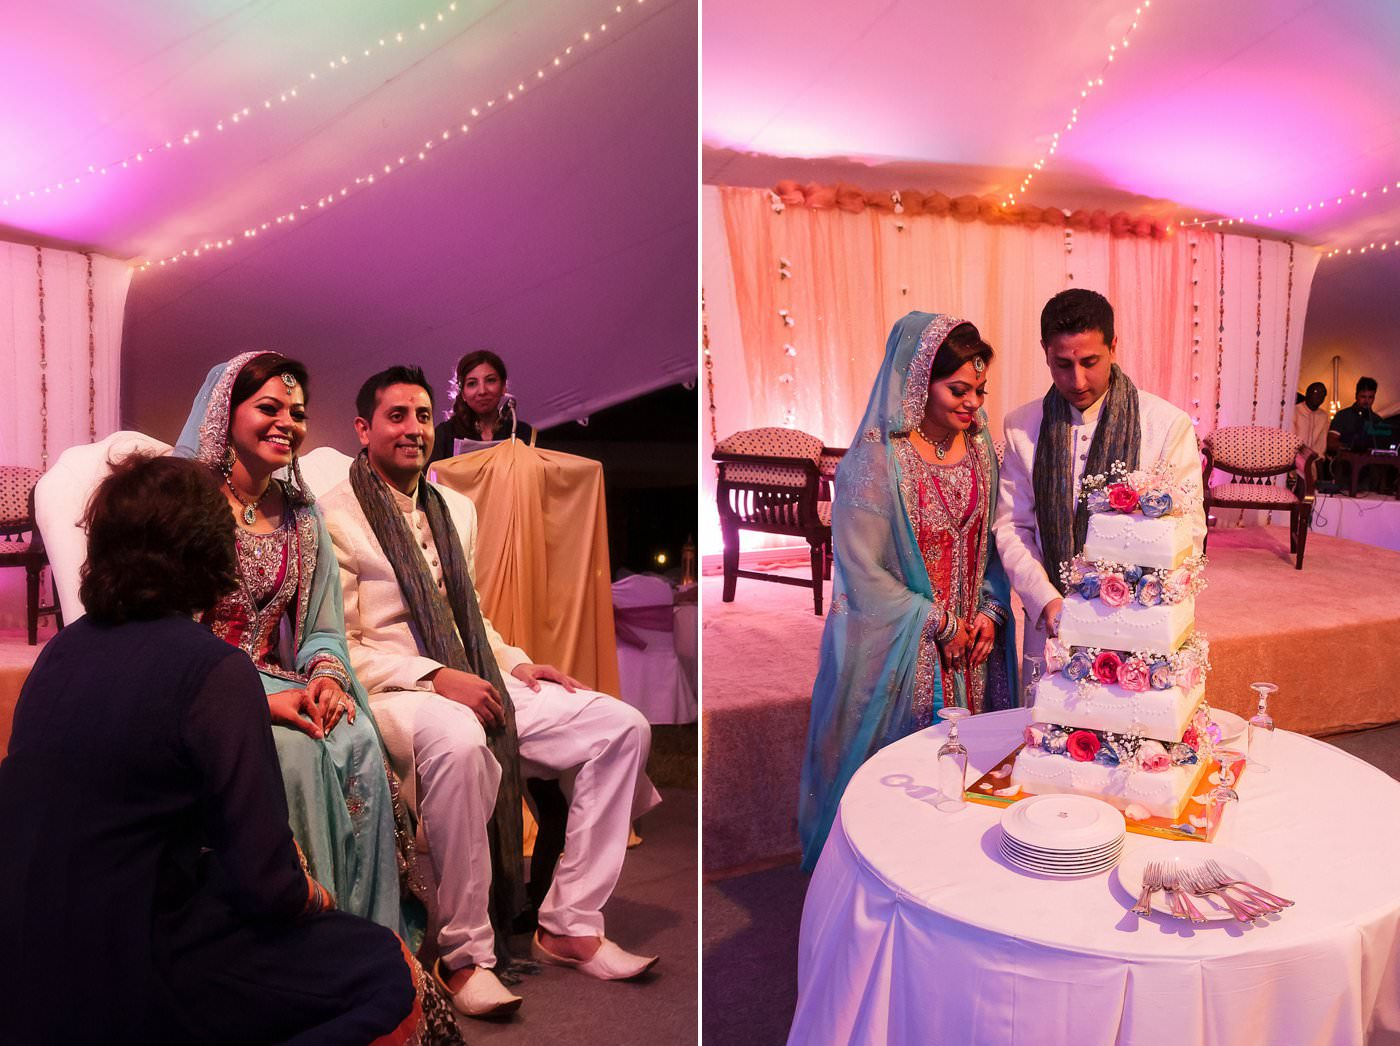 Serena Resort Mombasa Three Days Wedding In Mombasa - Kenyan Top Muslim Female Wedding Photographer